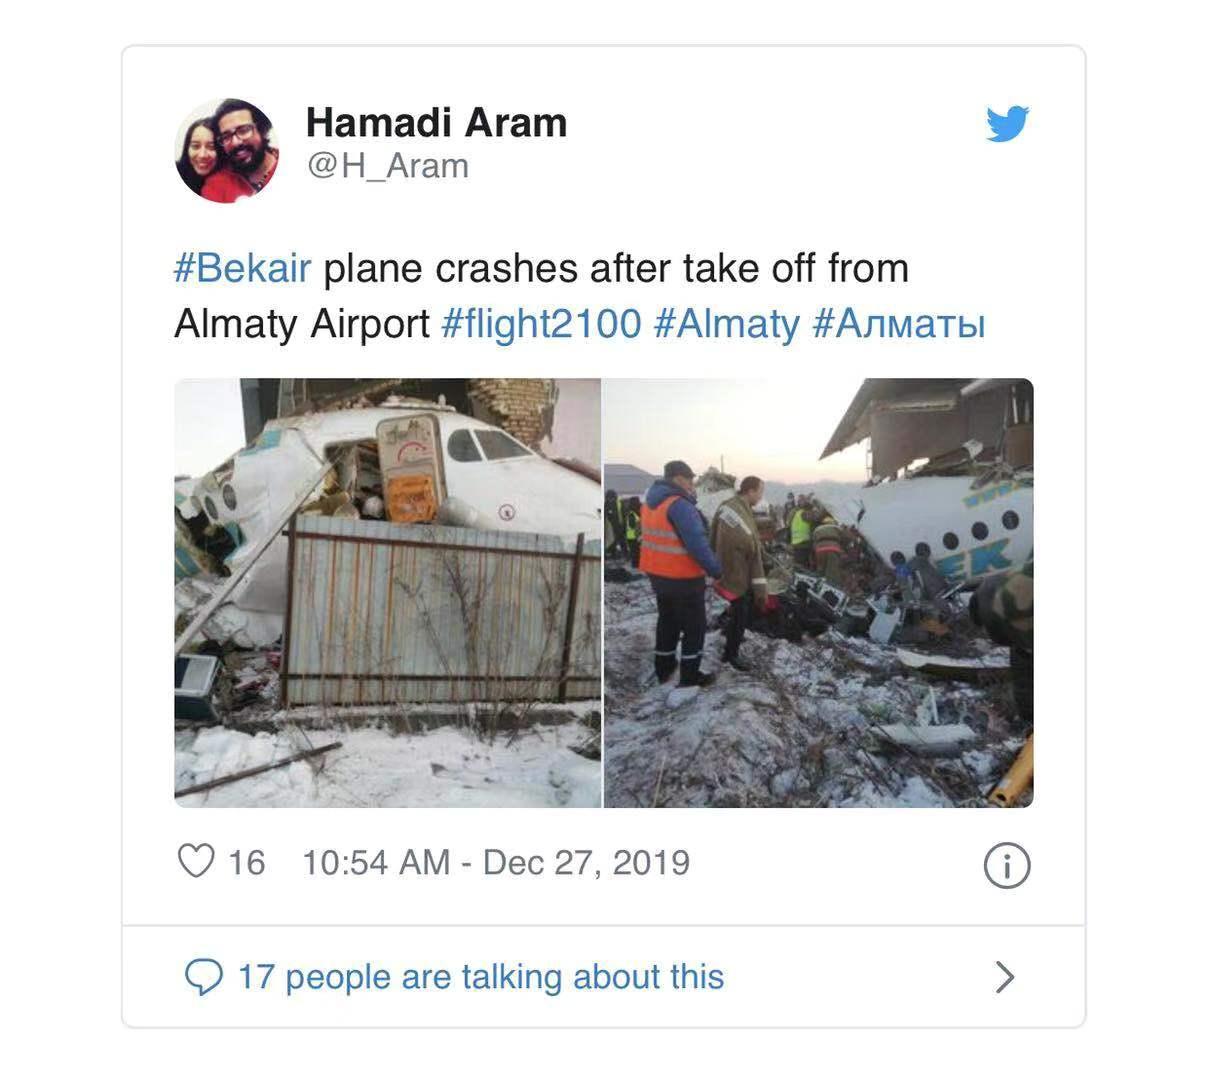 外媒称哈萨克斯坦一飞机失事致7人死亡,我使馆:正核实图片